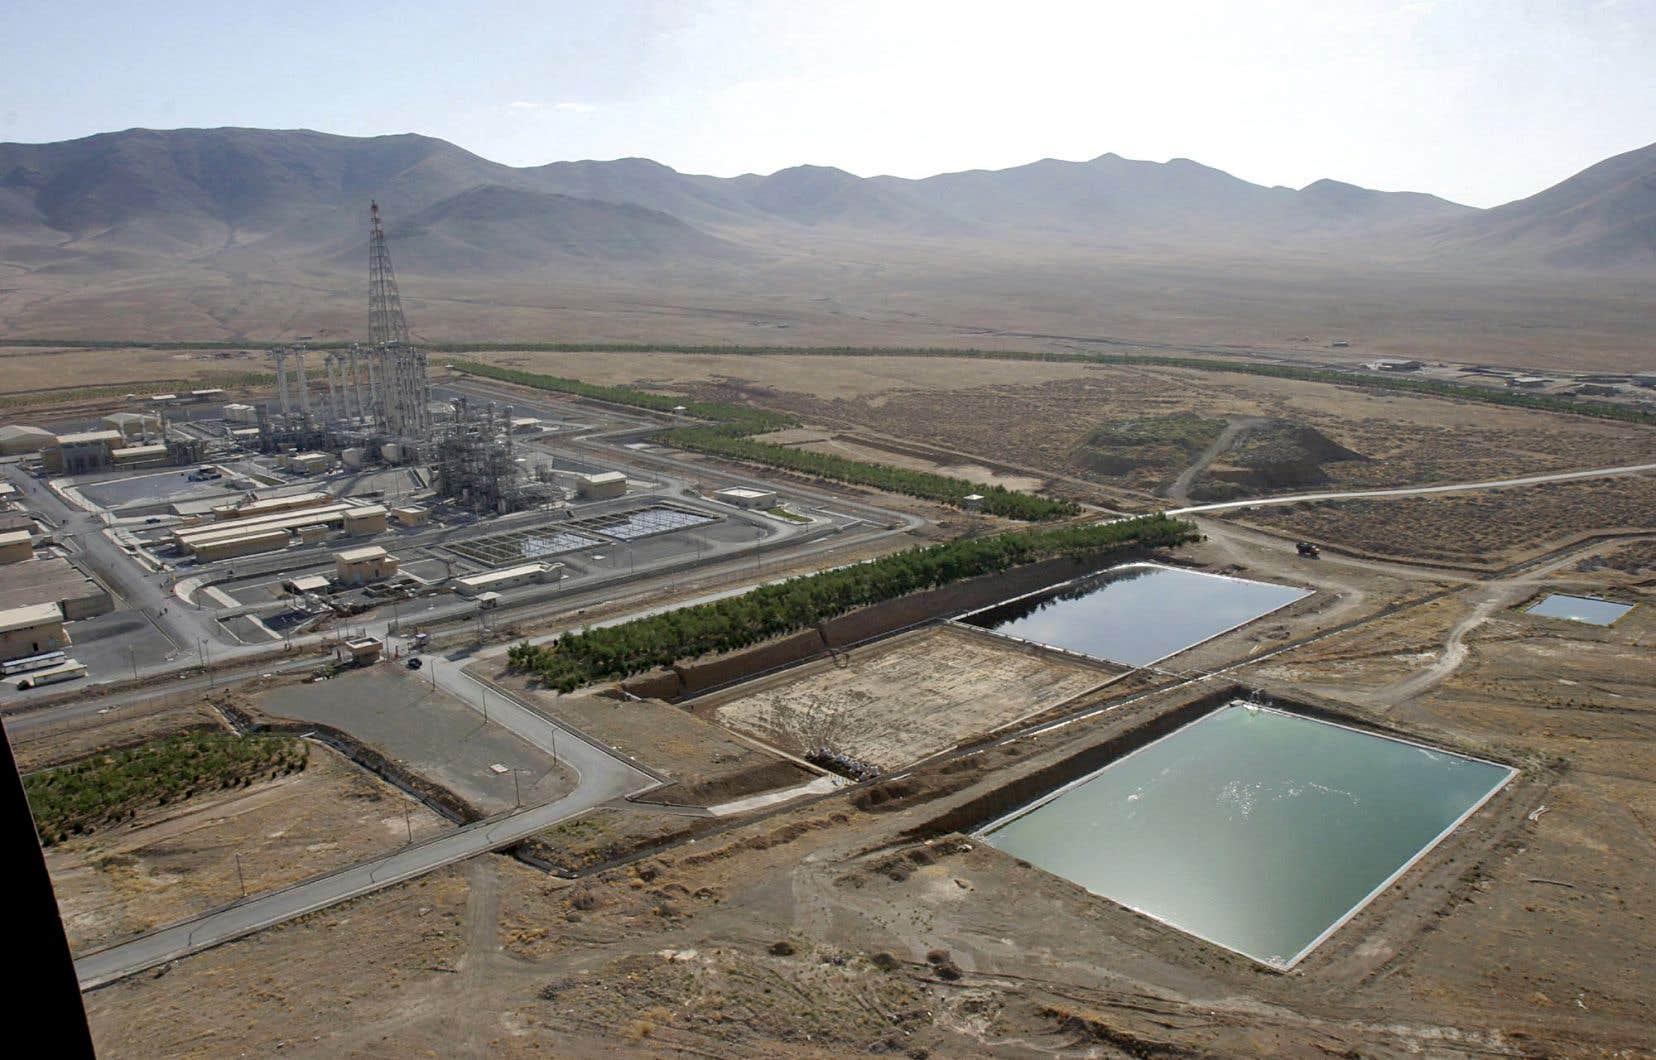 Le président de l'Iran, Hassan Rohani, menace de poursuivre la construction d'un réacteur à eau lourde à Arak, près de la capitale Théréran. Le projet avait été mis en veille conformément à l'accord de Vienne.